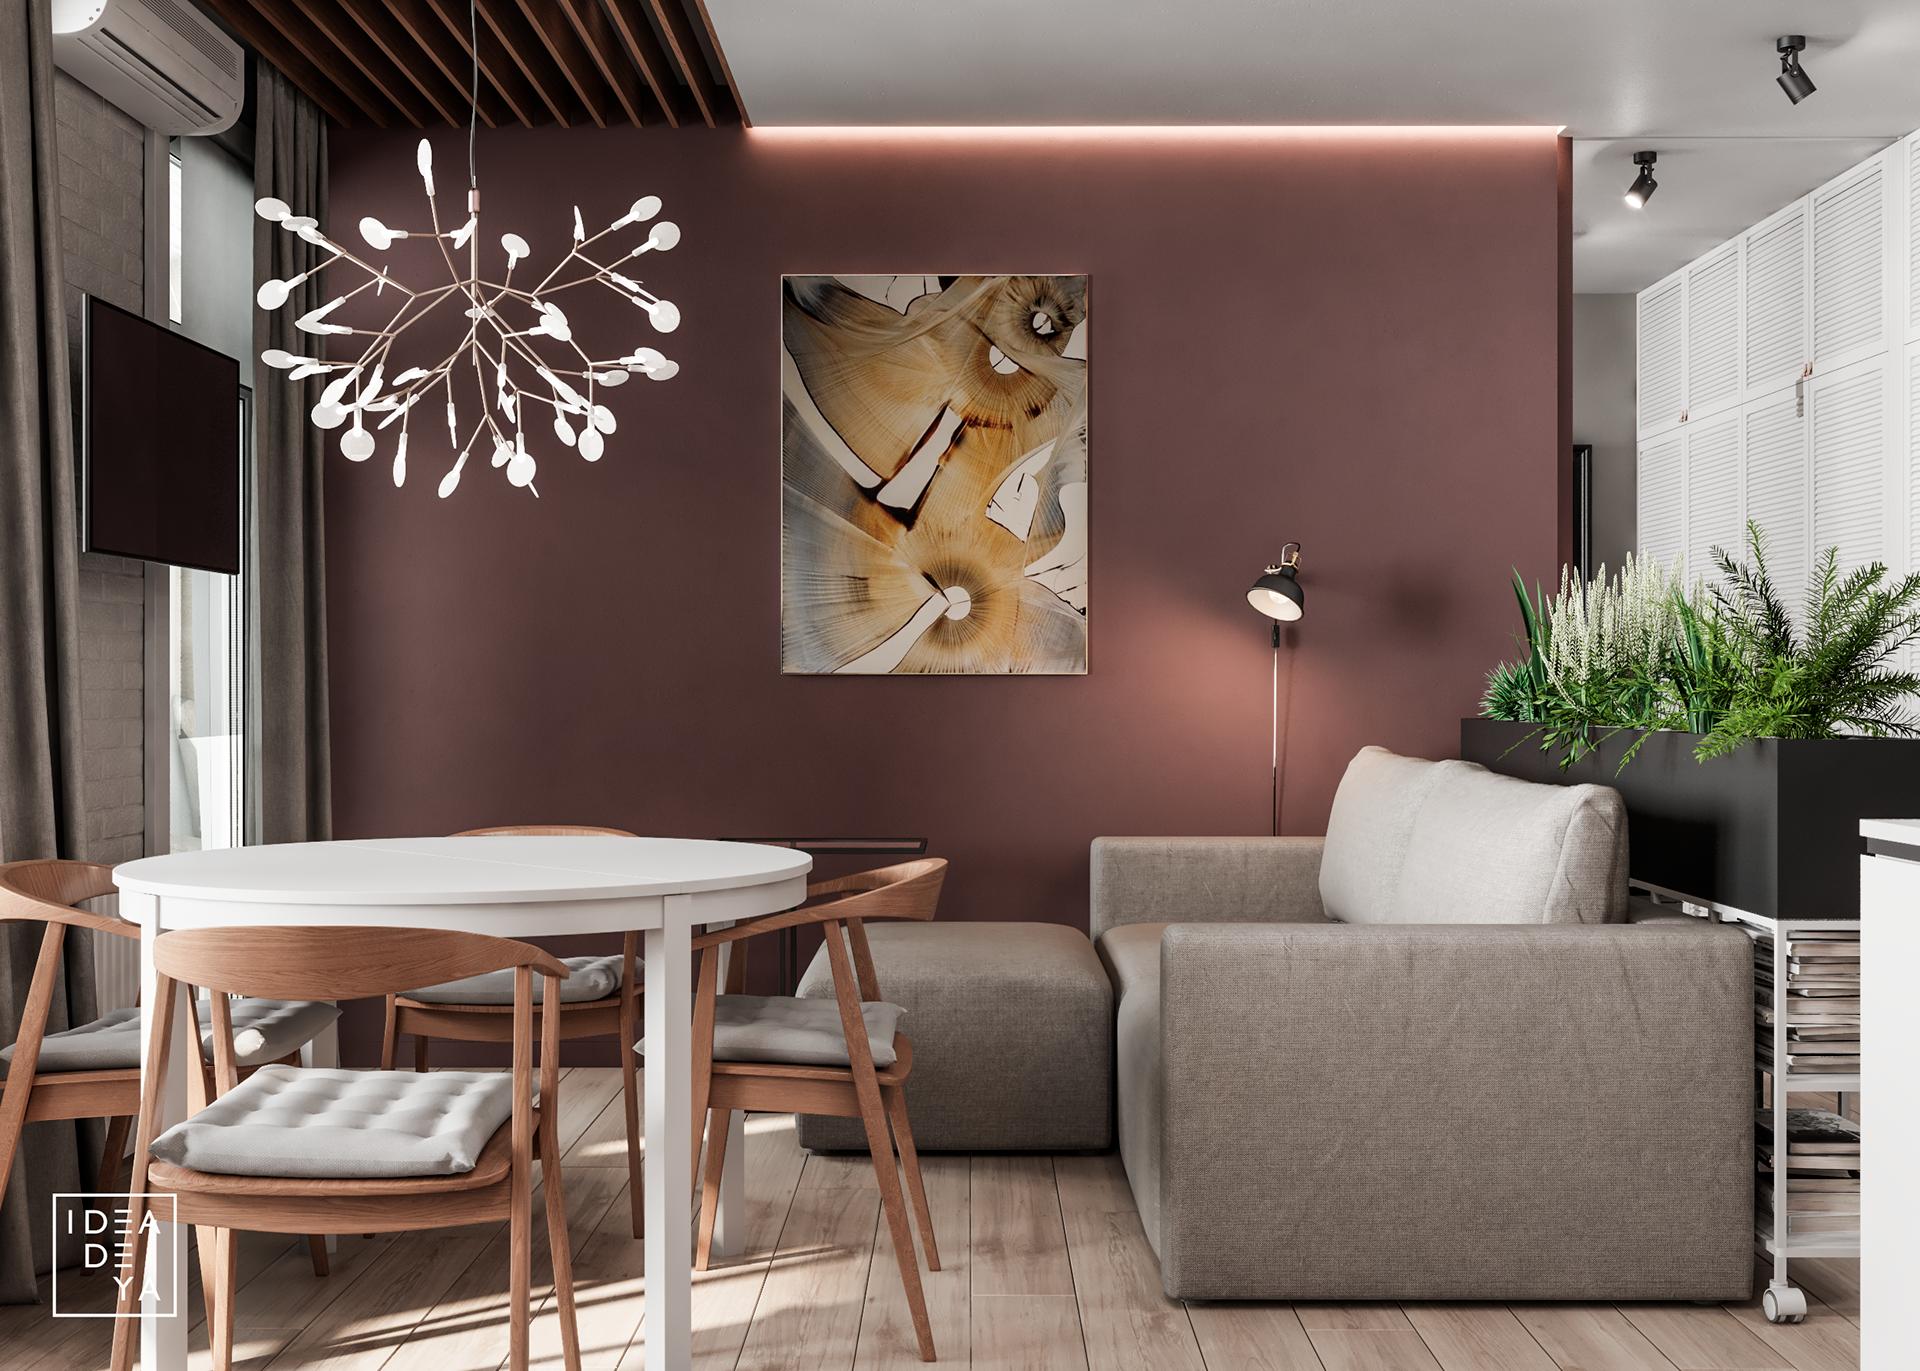 Với những gia đình có không gian ở khá khiêm tốn thì việc thiết kế nội thất chung cư là một bài toán không dễ dàng